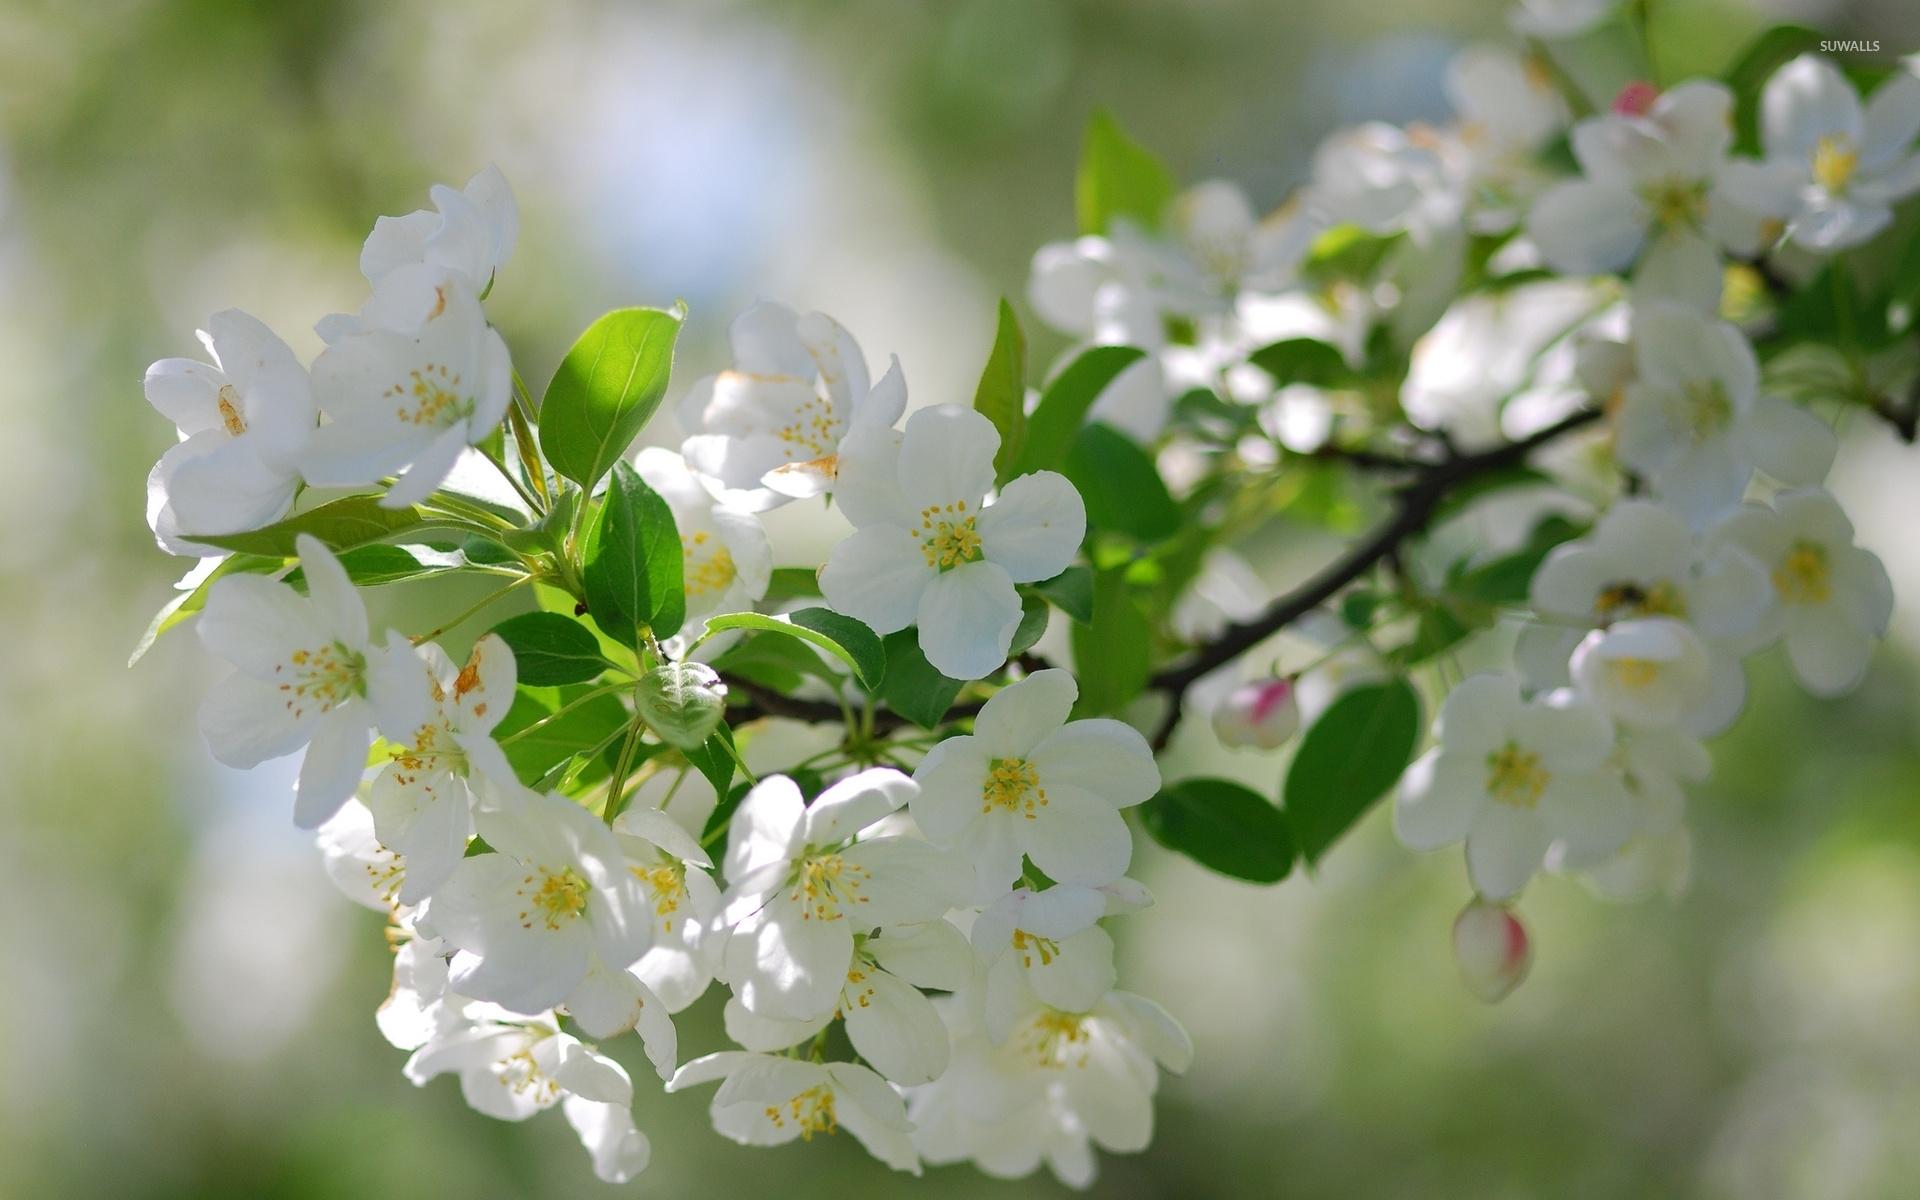 White cherry blossoms wallpaper flower wallpapers 36554 white cherry blossoms wallpaper mightylinksfo